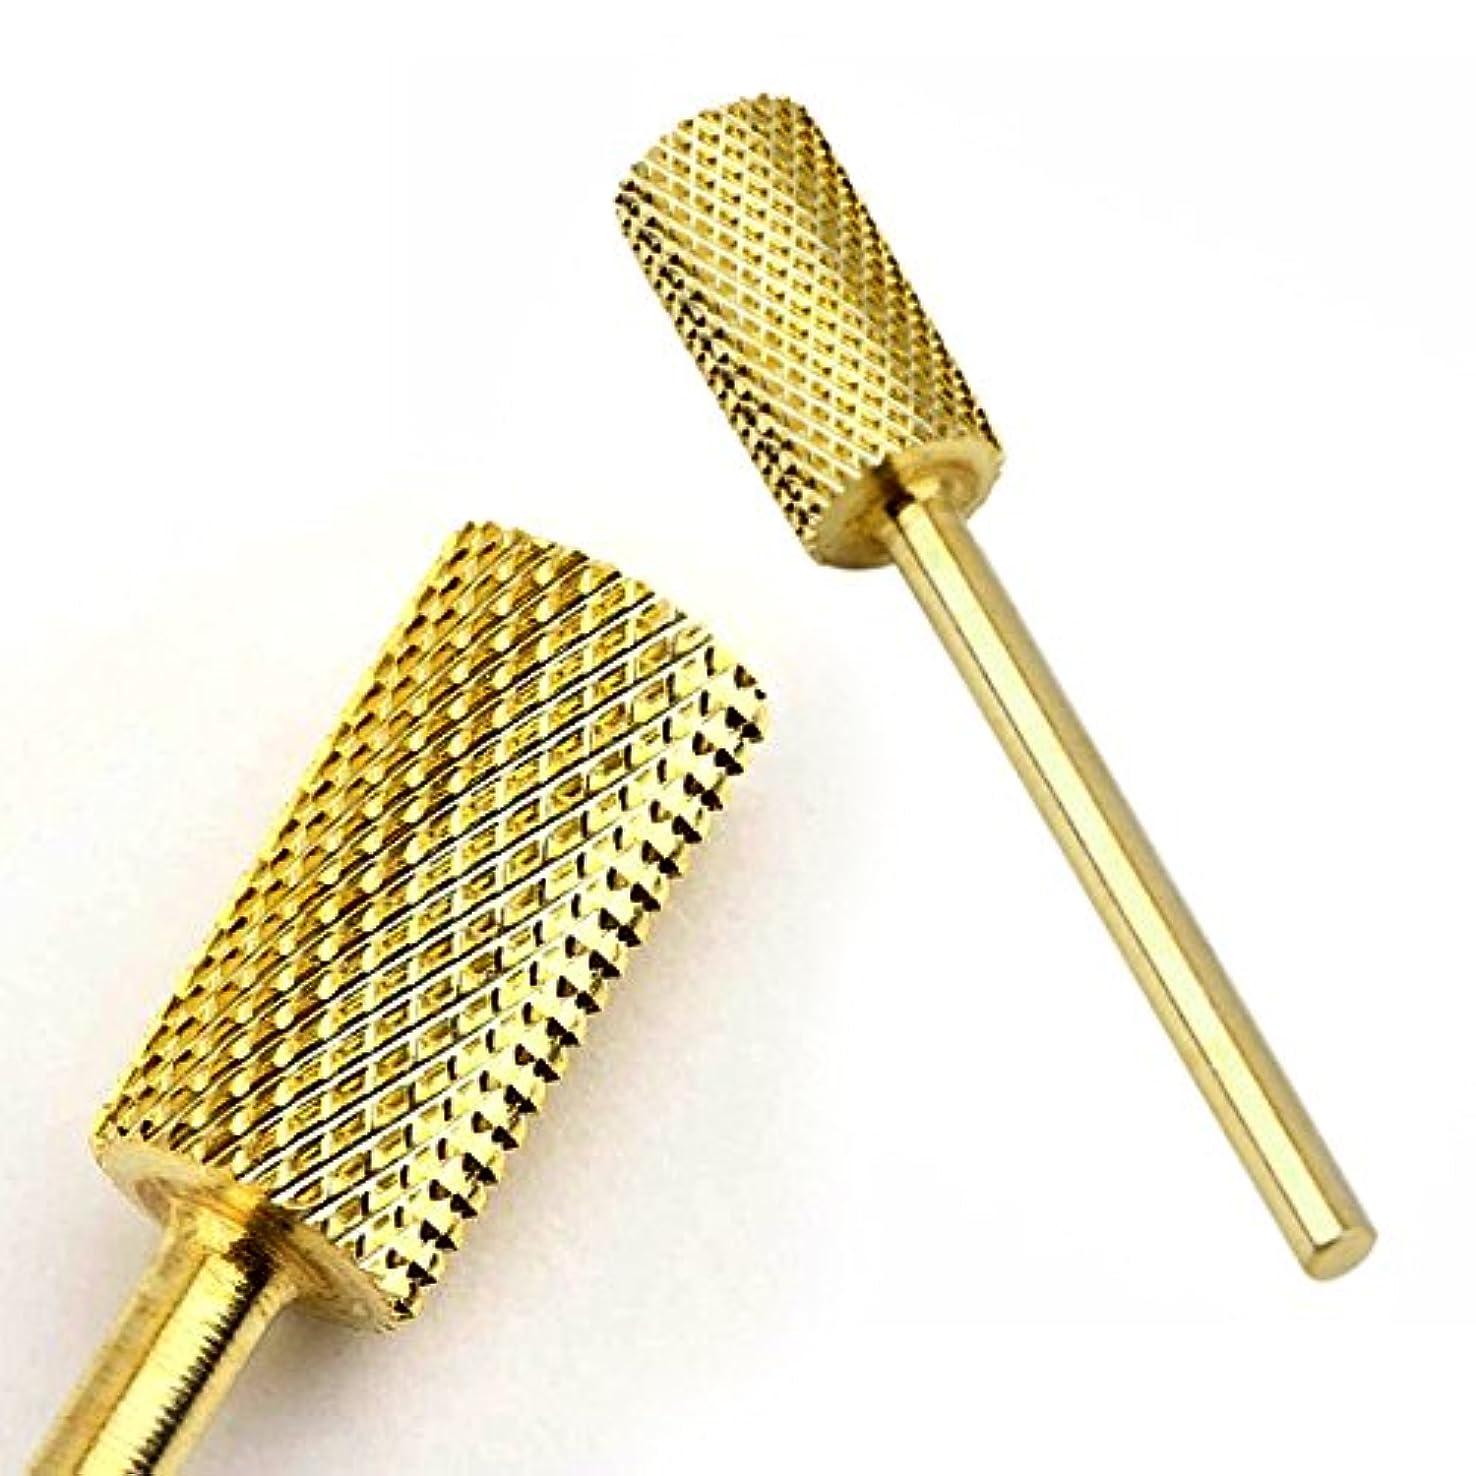 球状ベックスタンクネイルマシーン用ビット ゴールドカラービット アクリルや厚いハードジェルのオフ除去に最適 ゴールドカラーの付け替えアタッチメント ネイルマシン用 ジェルネイルオフ